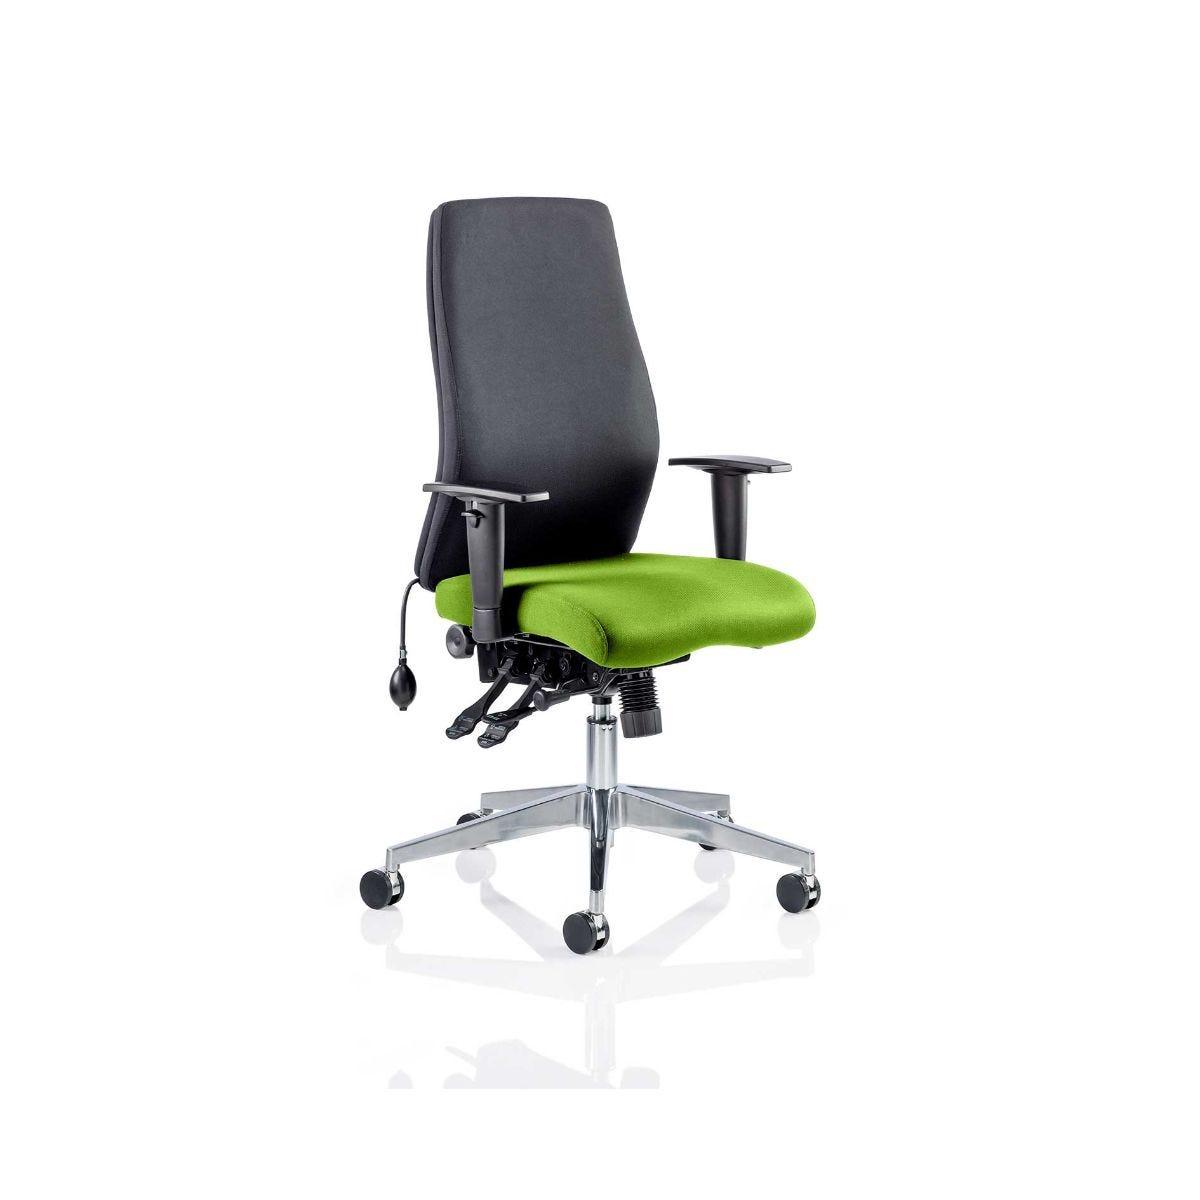 Onyx Office Chair, Swizzle